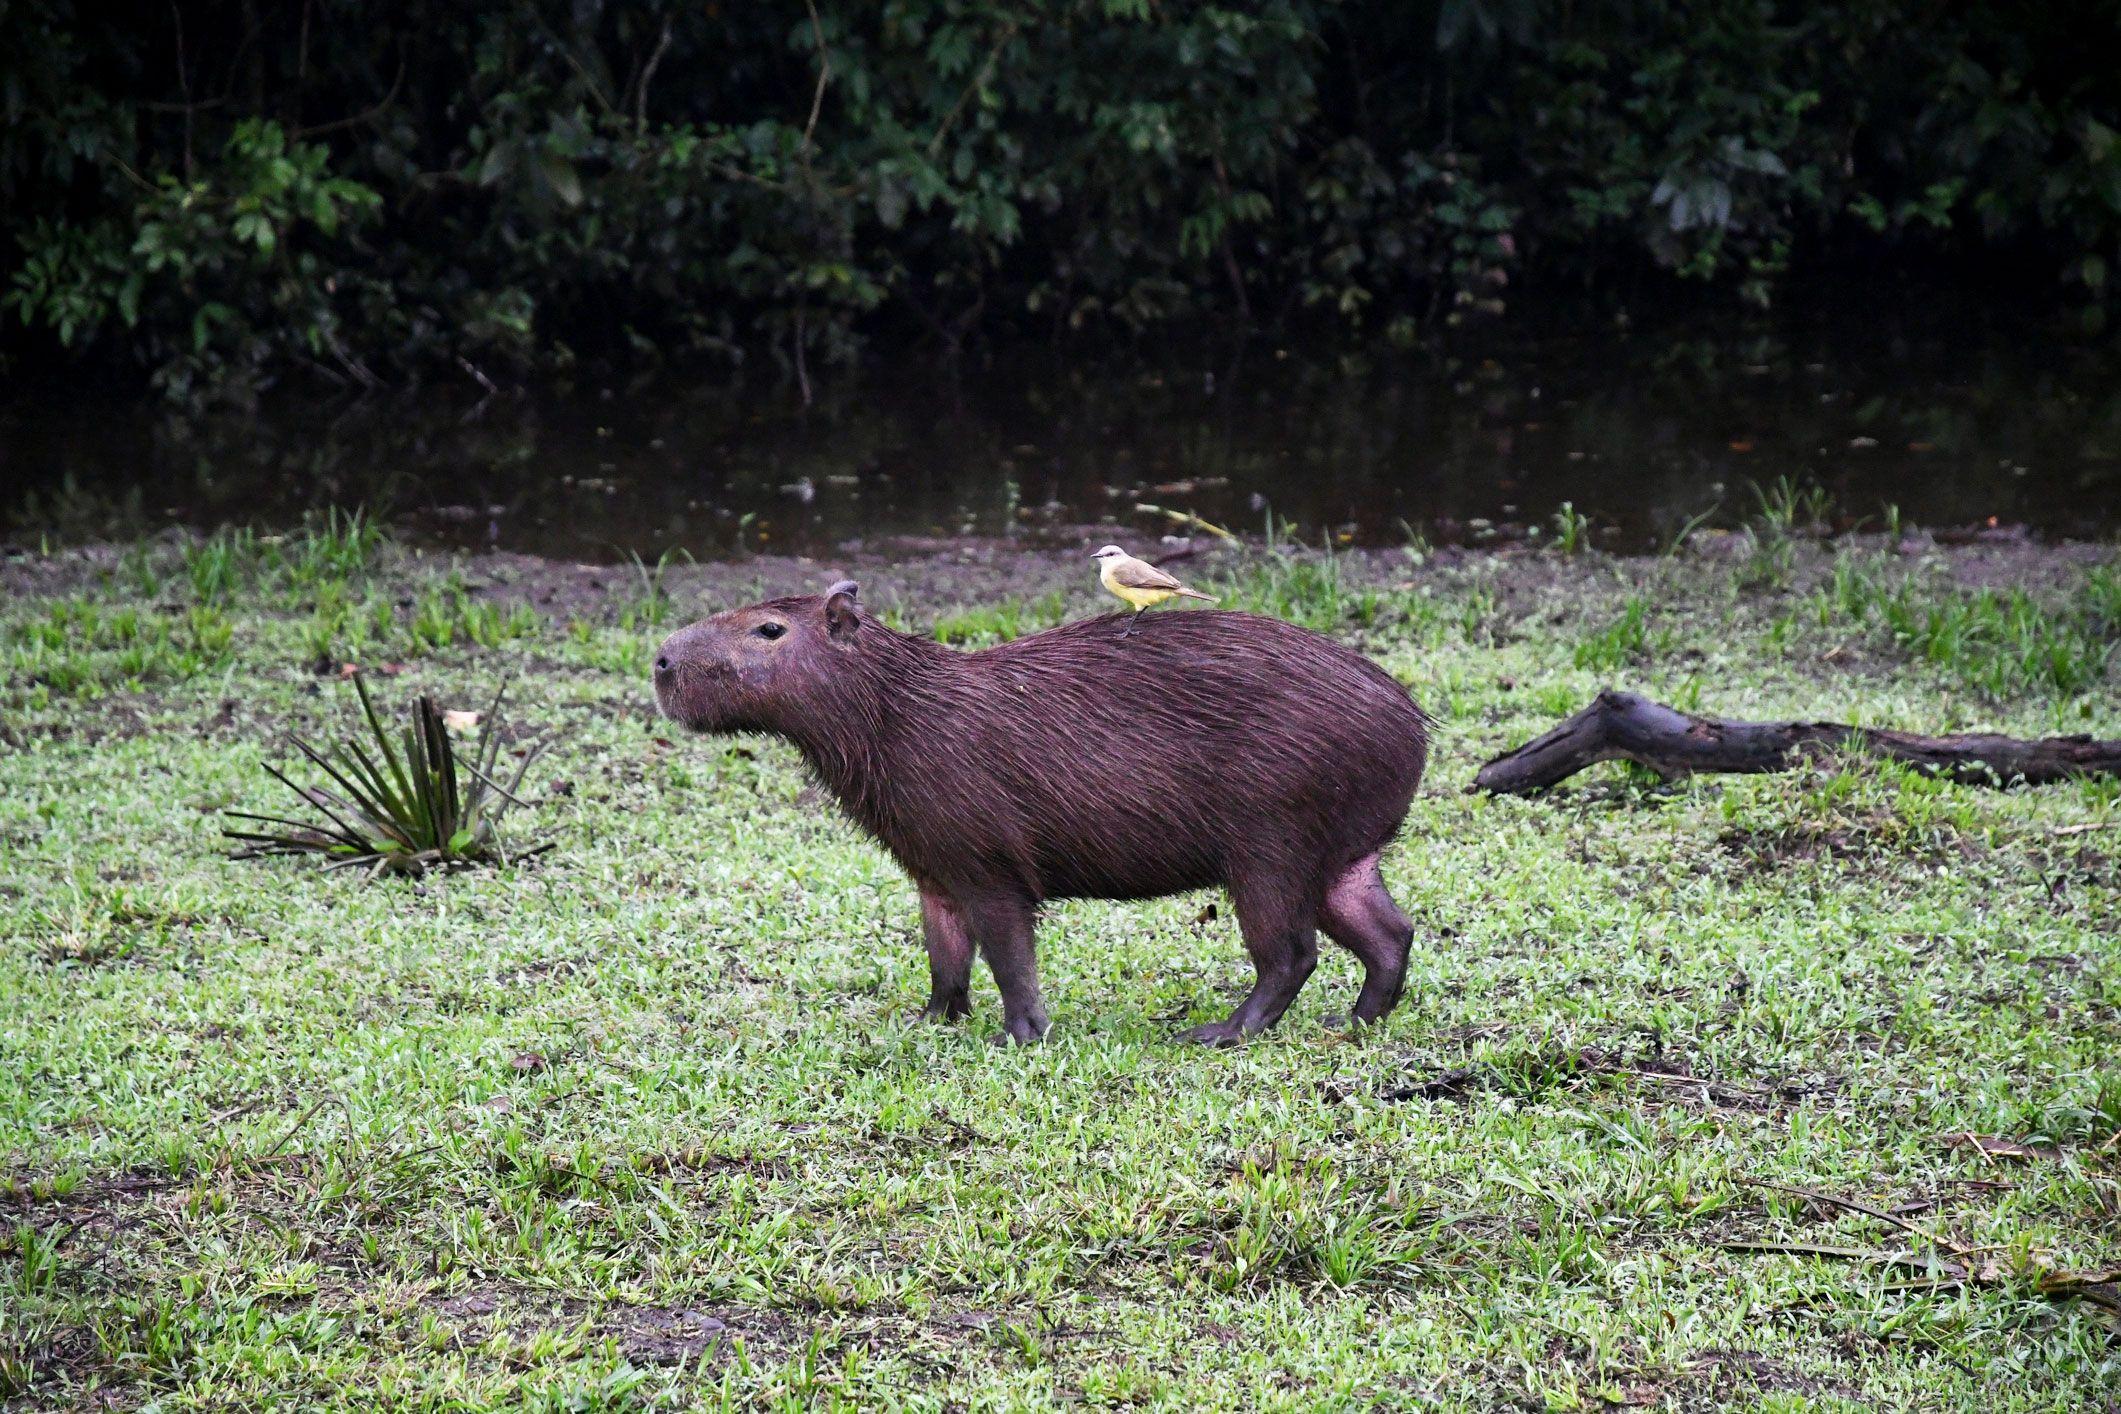 Los carpinchos conviven en paz con otros animales